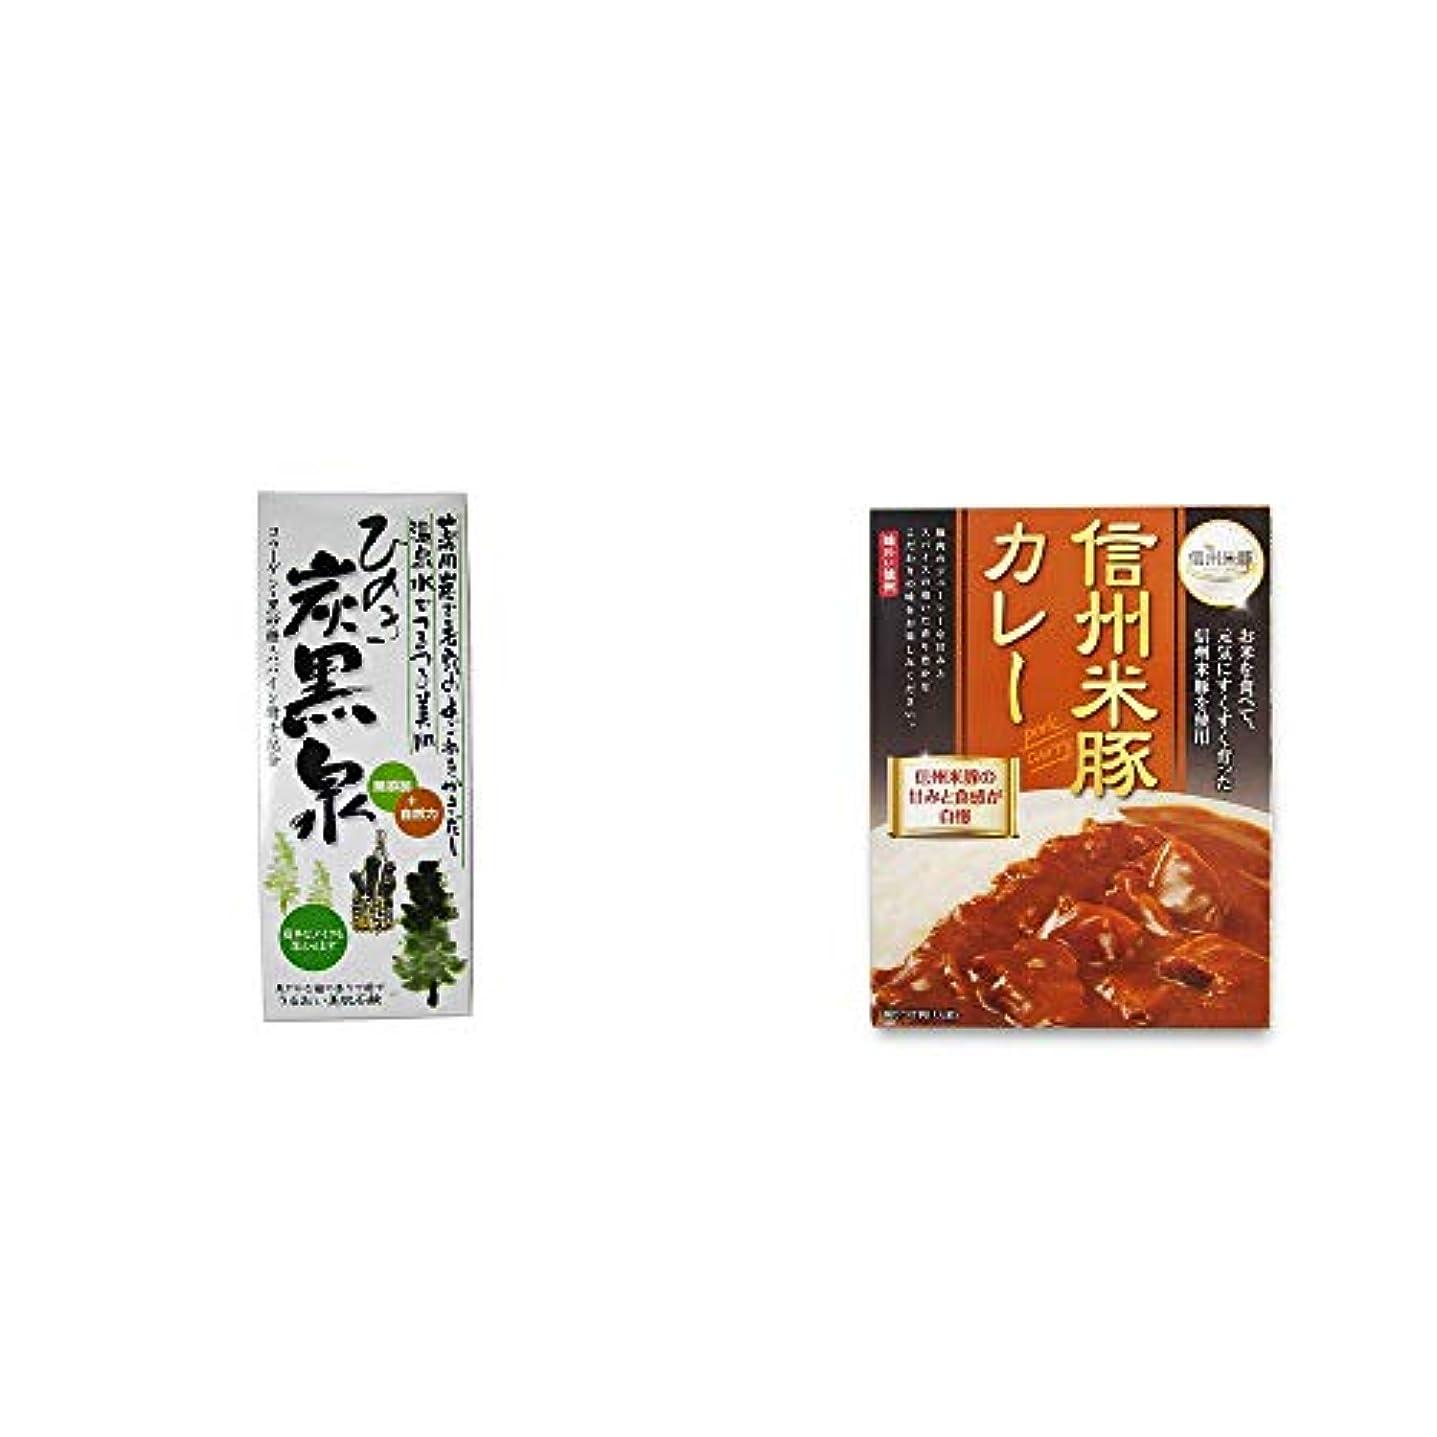 事業内容スポンジリル[2点セット] ひのき炭黒泉 箱入り(75g×3)?信州米豚カレー(1食分)